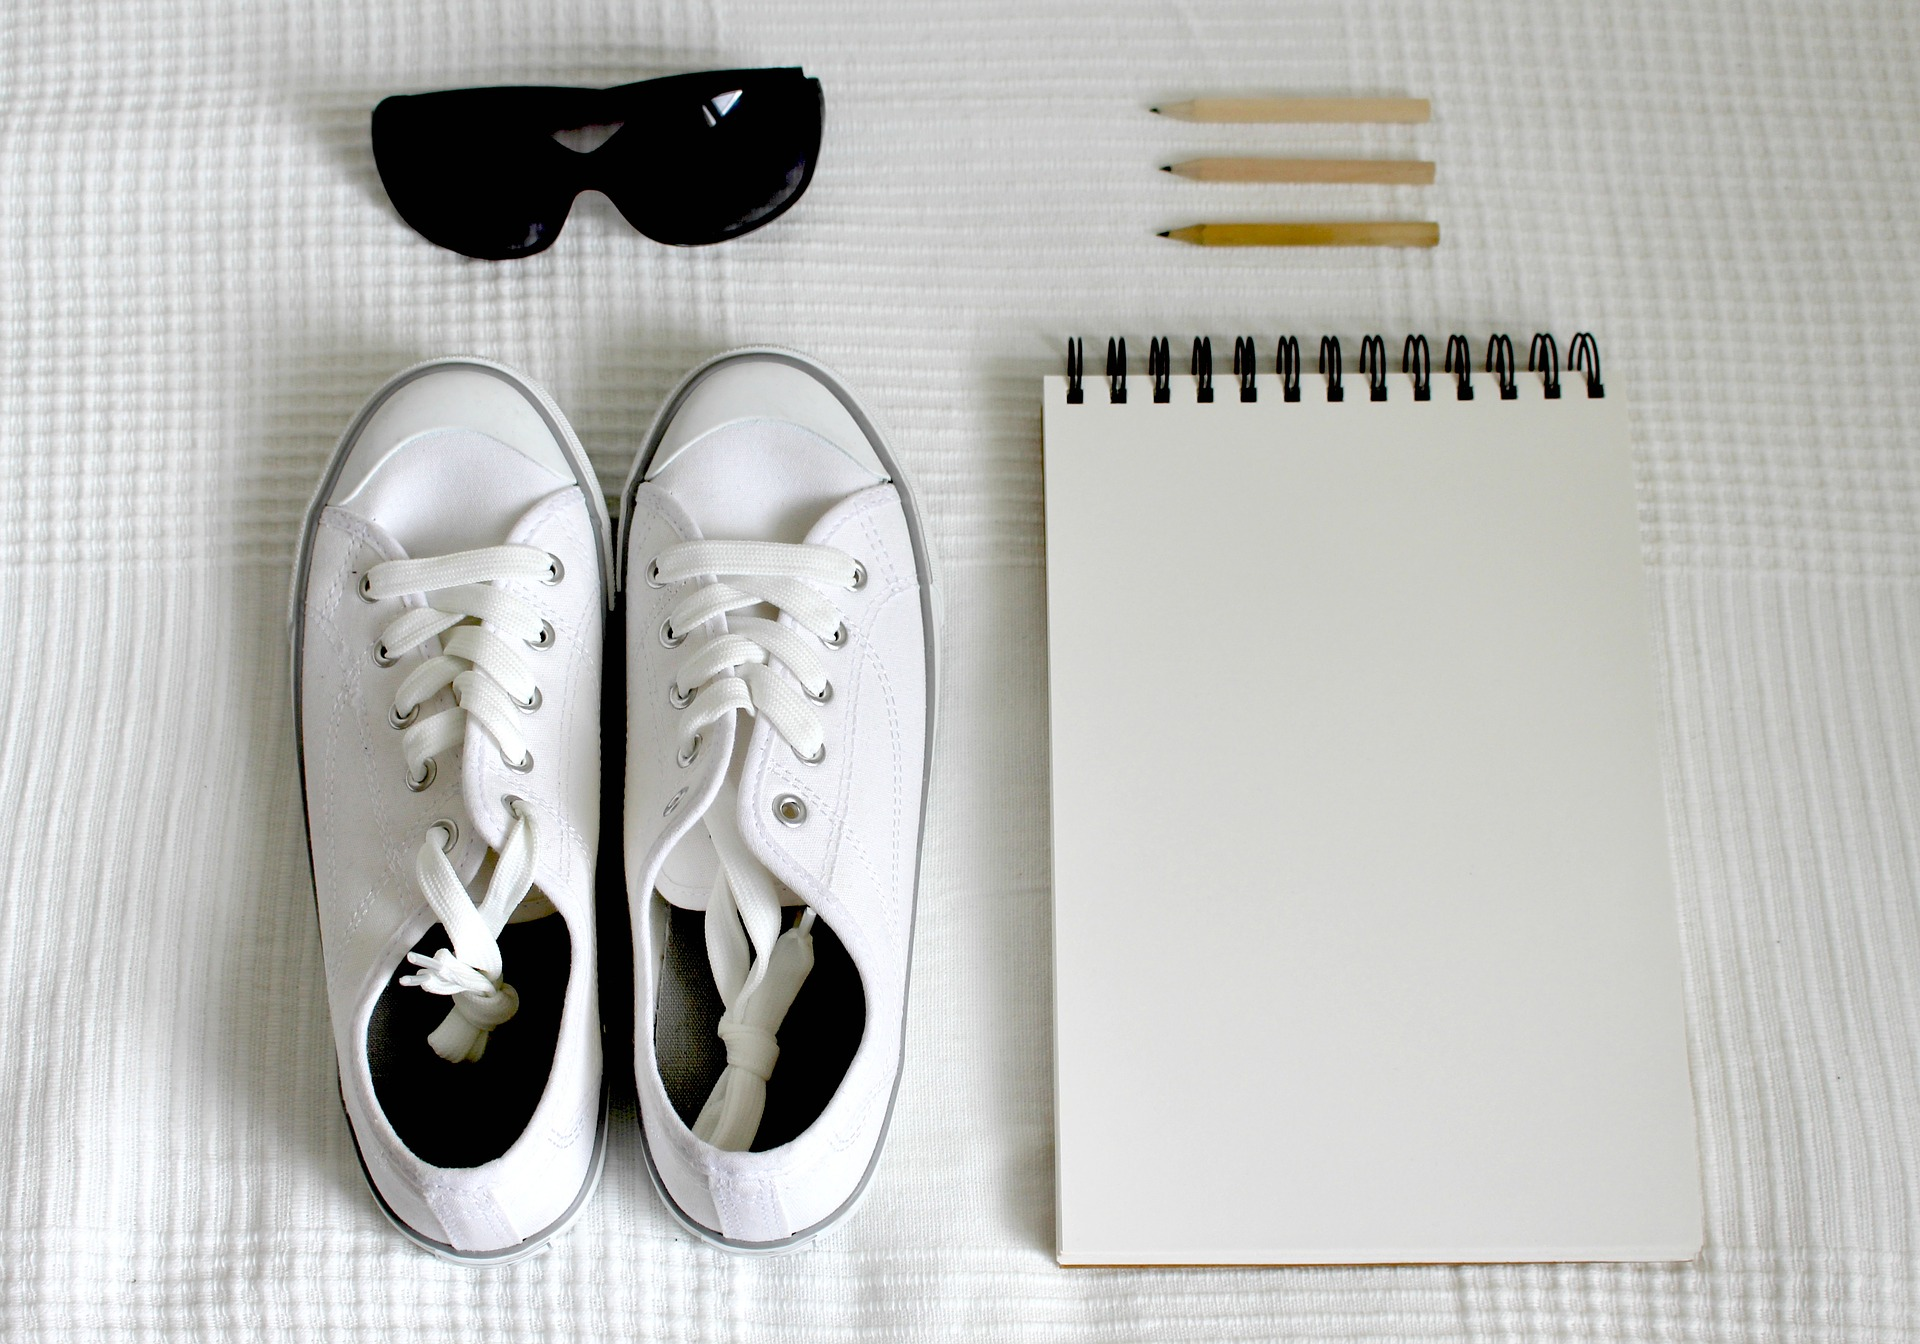 לגזור ולשמור: כללי הברזל לשמירה על נעליים לבנות